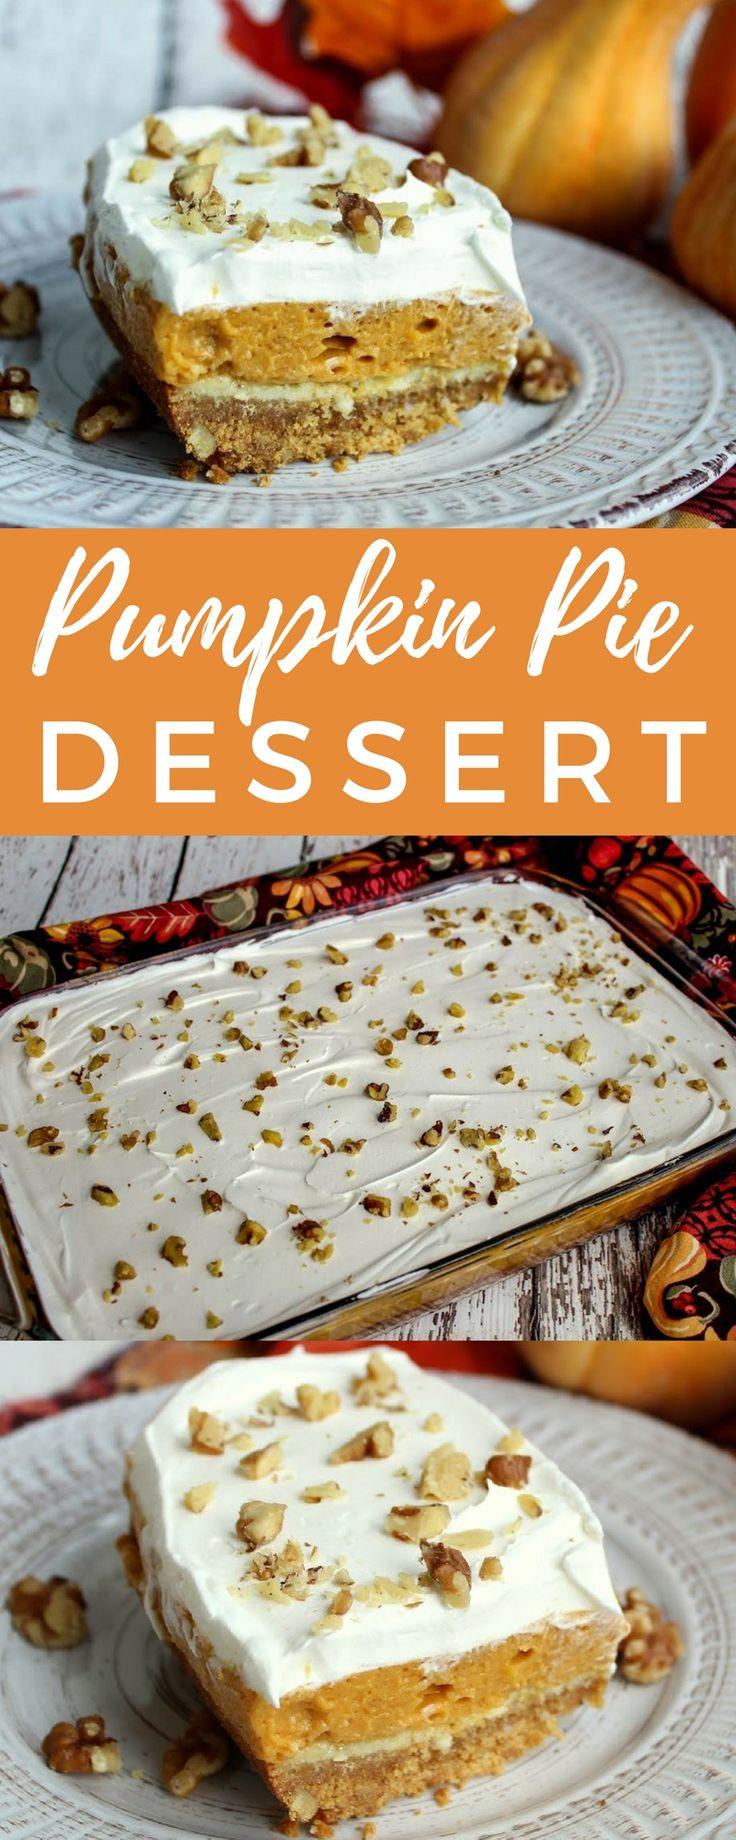 This pumpkin dessert should be called layers of pumpkin pie happiness! #pumpkinpie #pumpkindessert #pumpkinrecipe